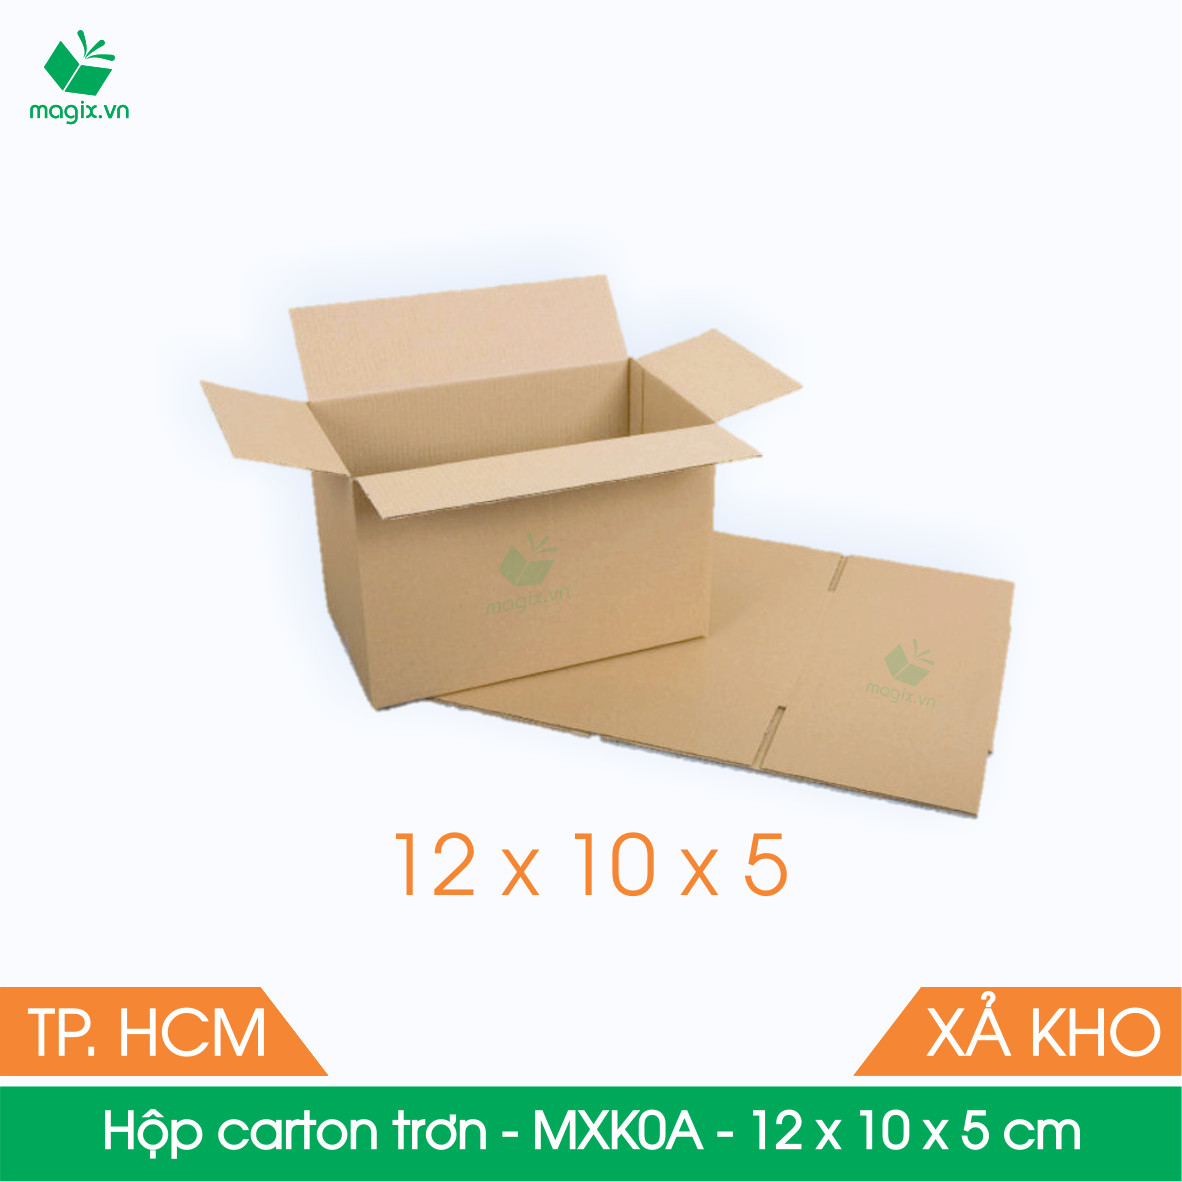 MXK0A - 12x10x5 cm - 20 Thùng hộp carton